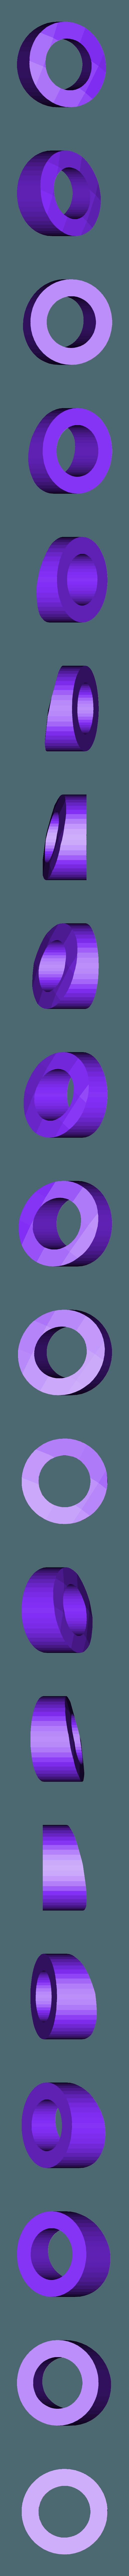 higgsH0.stl Télécharger fichier STL gratuit Modèle standard super-symétrique minimal bosons de Higgs • Objet imprimable en 3D, Mostlydecaf